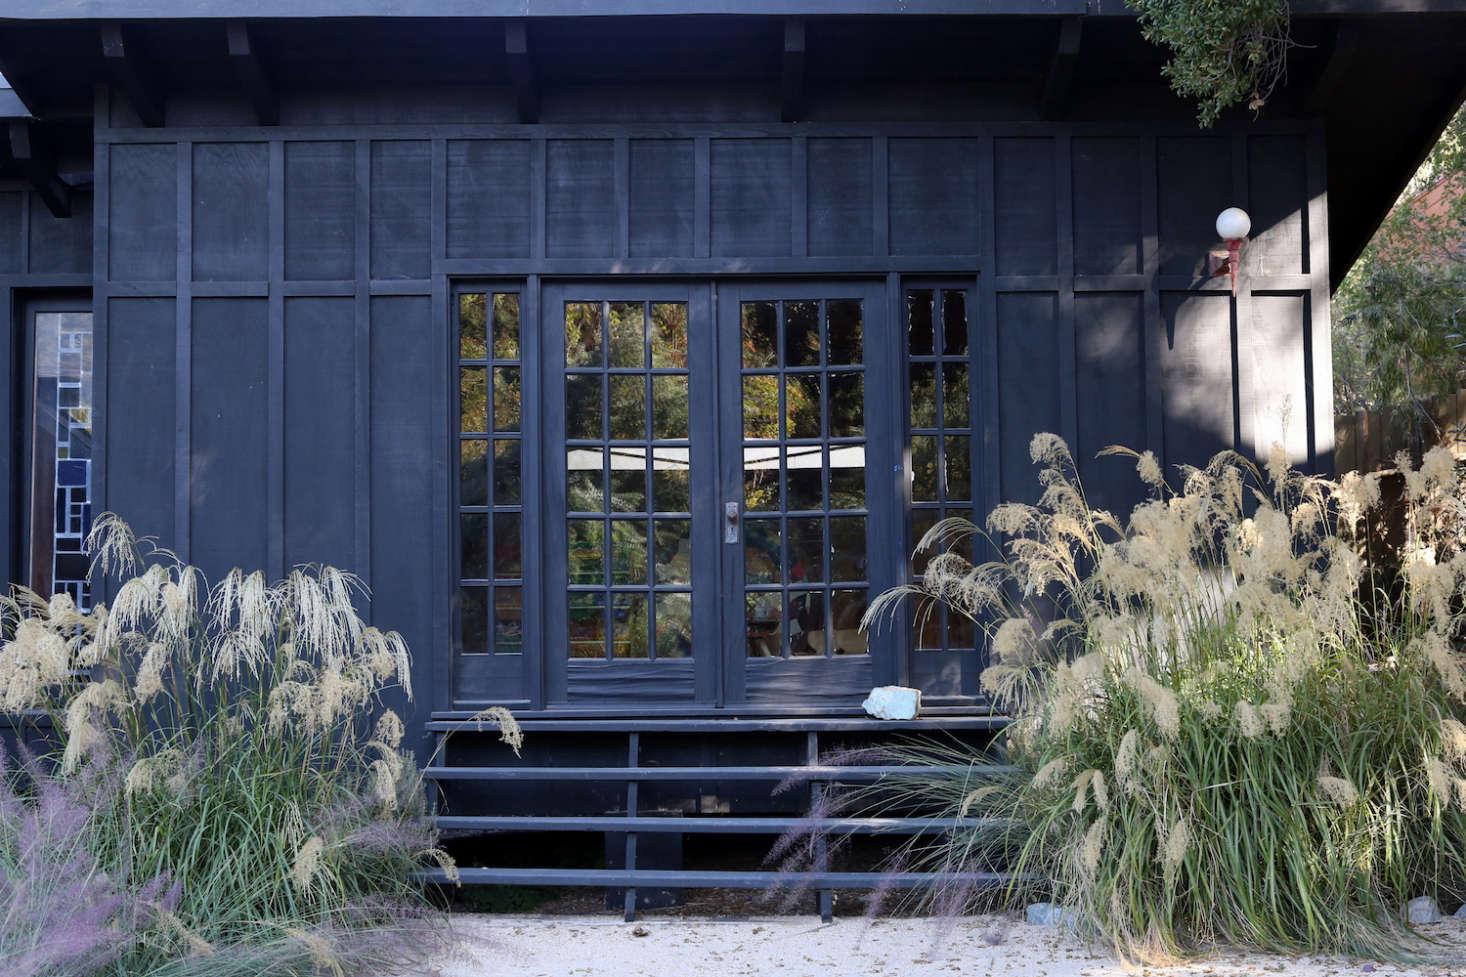 两条黑色的黑色楼梯,在楼梯上,有一条路,然后离开了门。